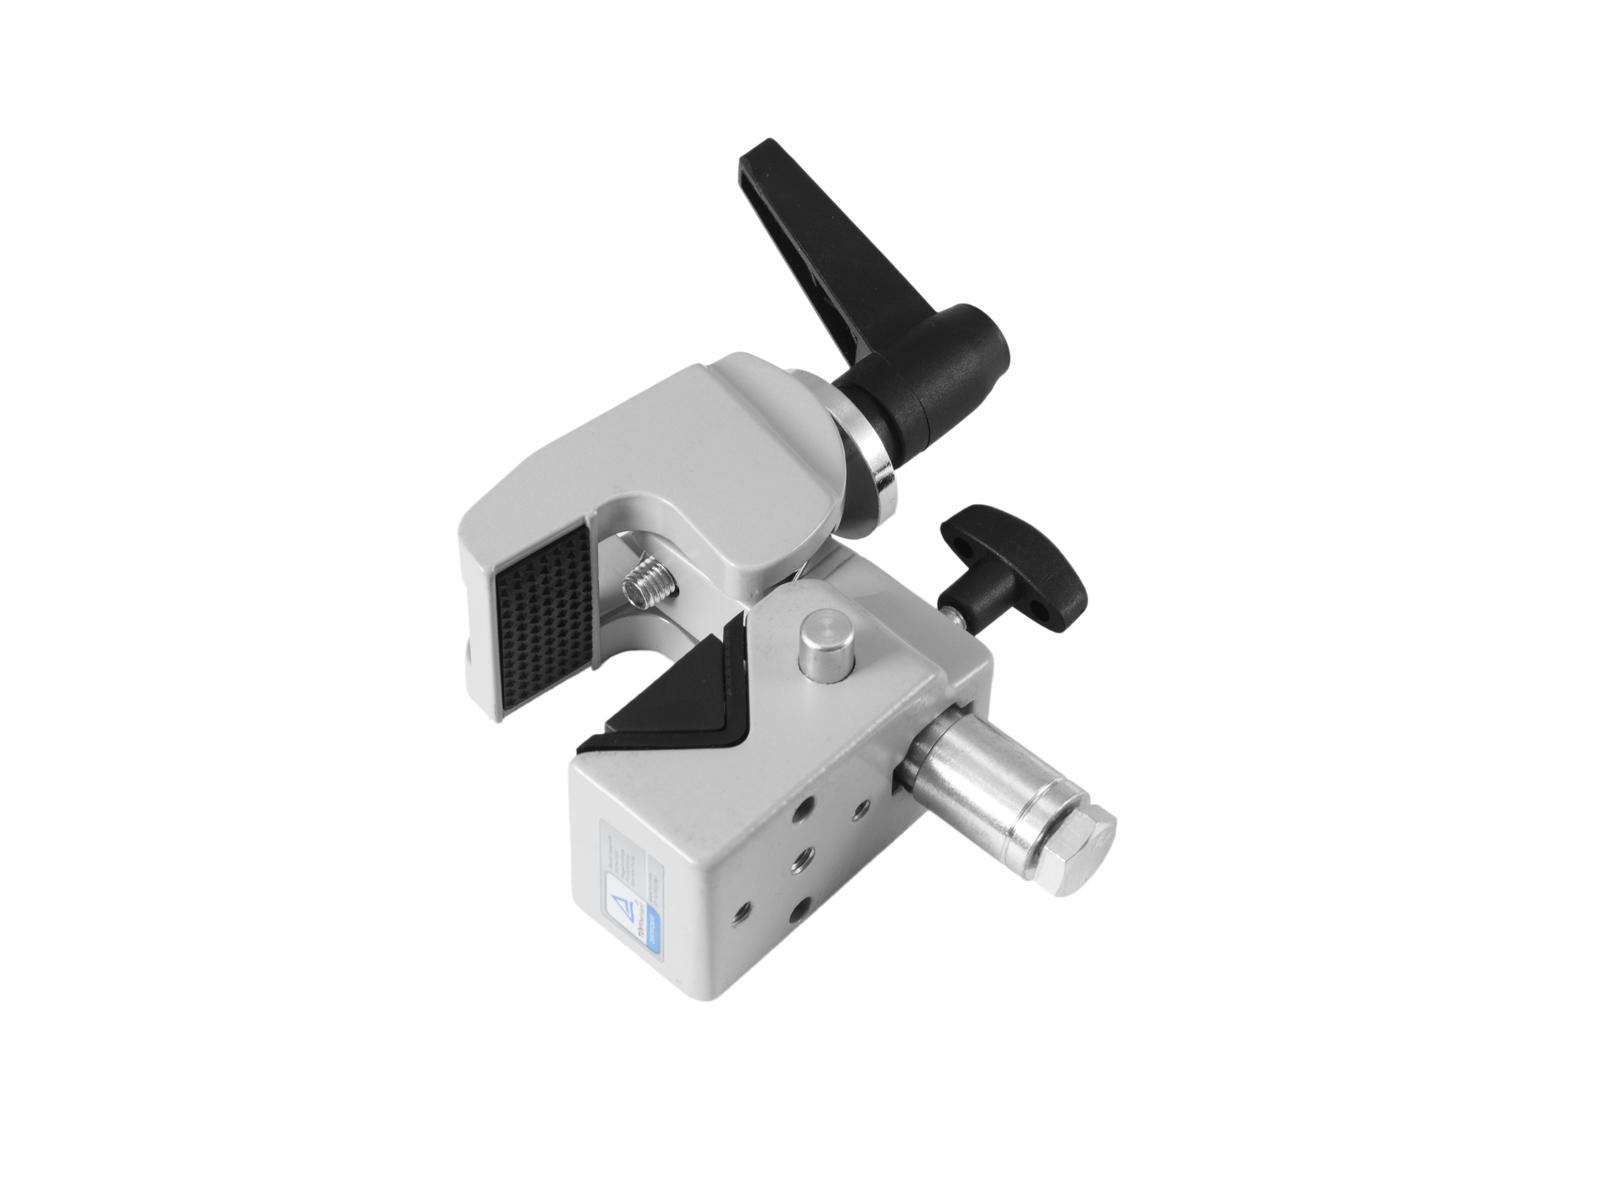 Rychloupínací svorka TH-2SC, mini TV pin, stříbrná